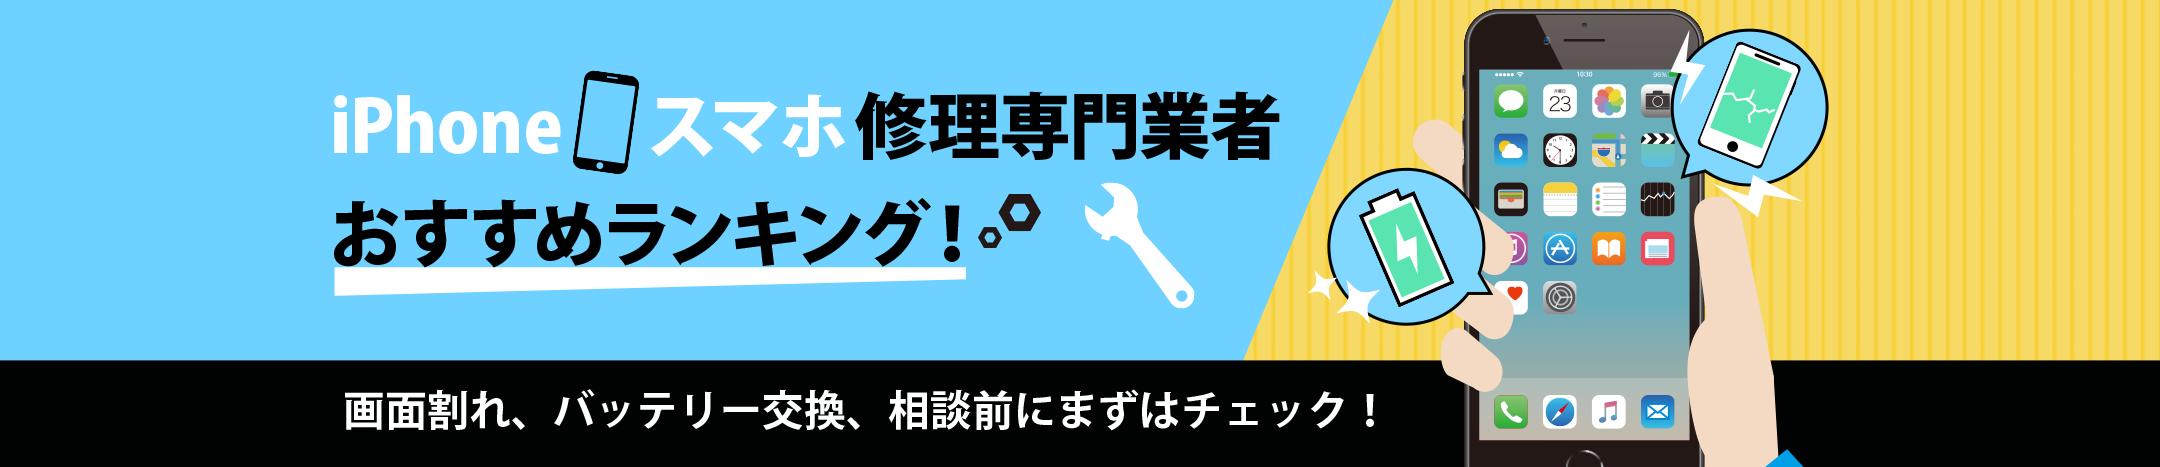 滋賀県内のiPhone修理専門業者おすすめランキング